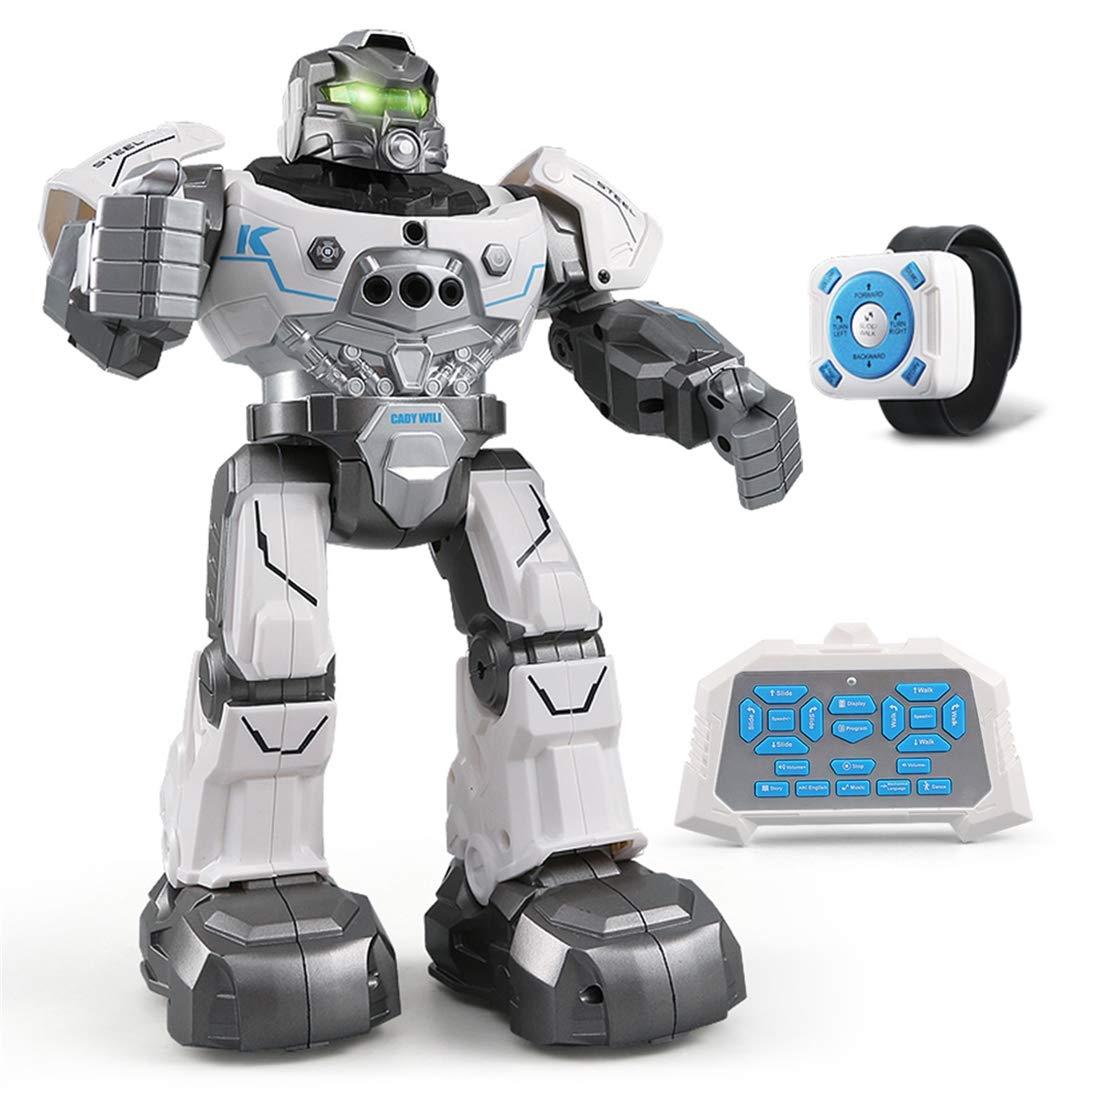 LSQR Control Remoto Robot Juguete para niños Regalos ...